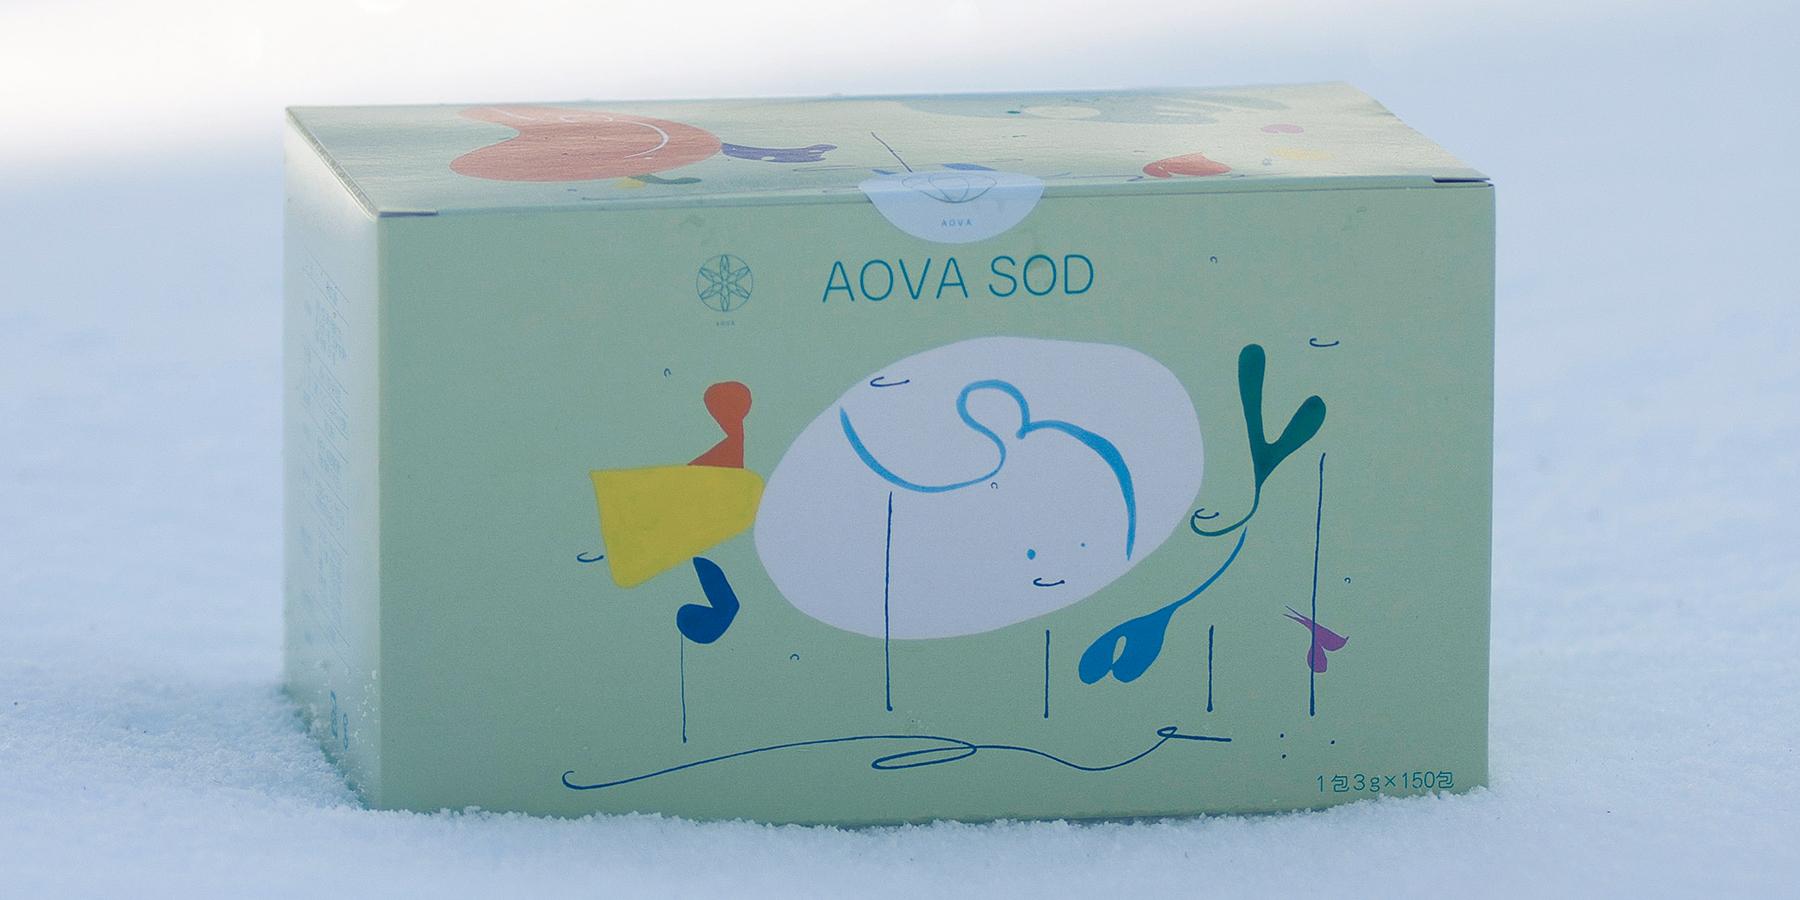 雪の上に置かれたAOVA SODの箱